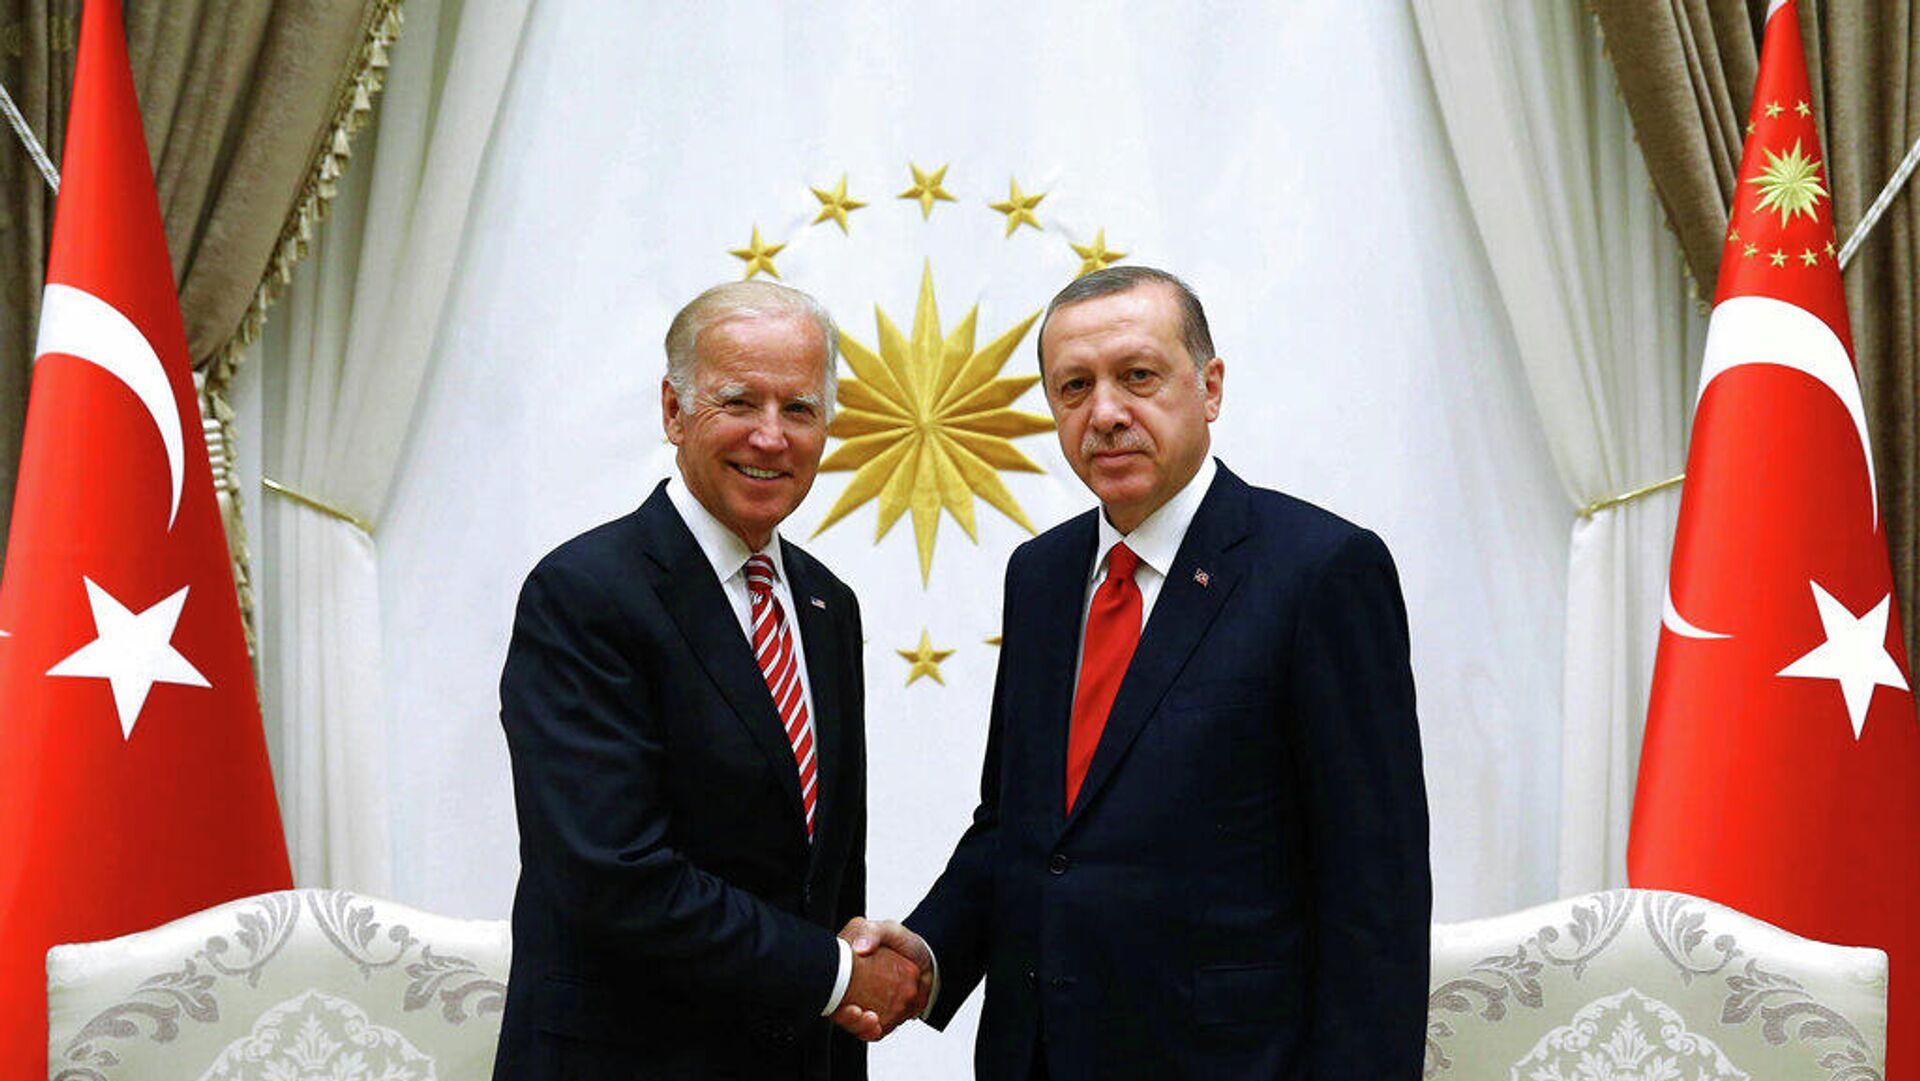 Ο Ρετζέπ Ταγίπ Ερντογάν και ο Τζο Μπάιντεν - Sputnik Ελλάδα, 1920, 26.09.2021